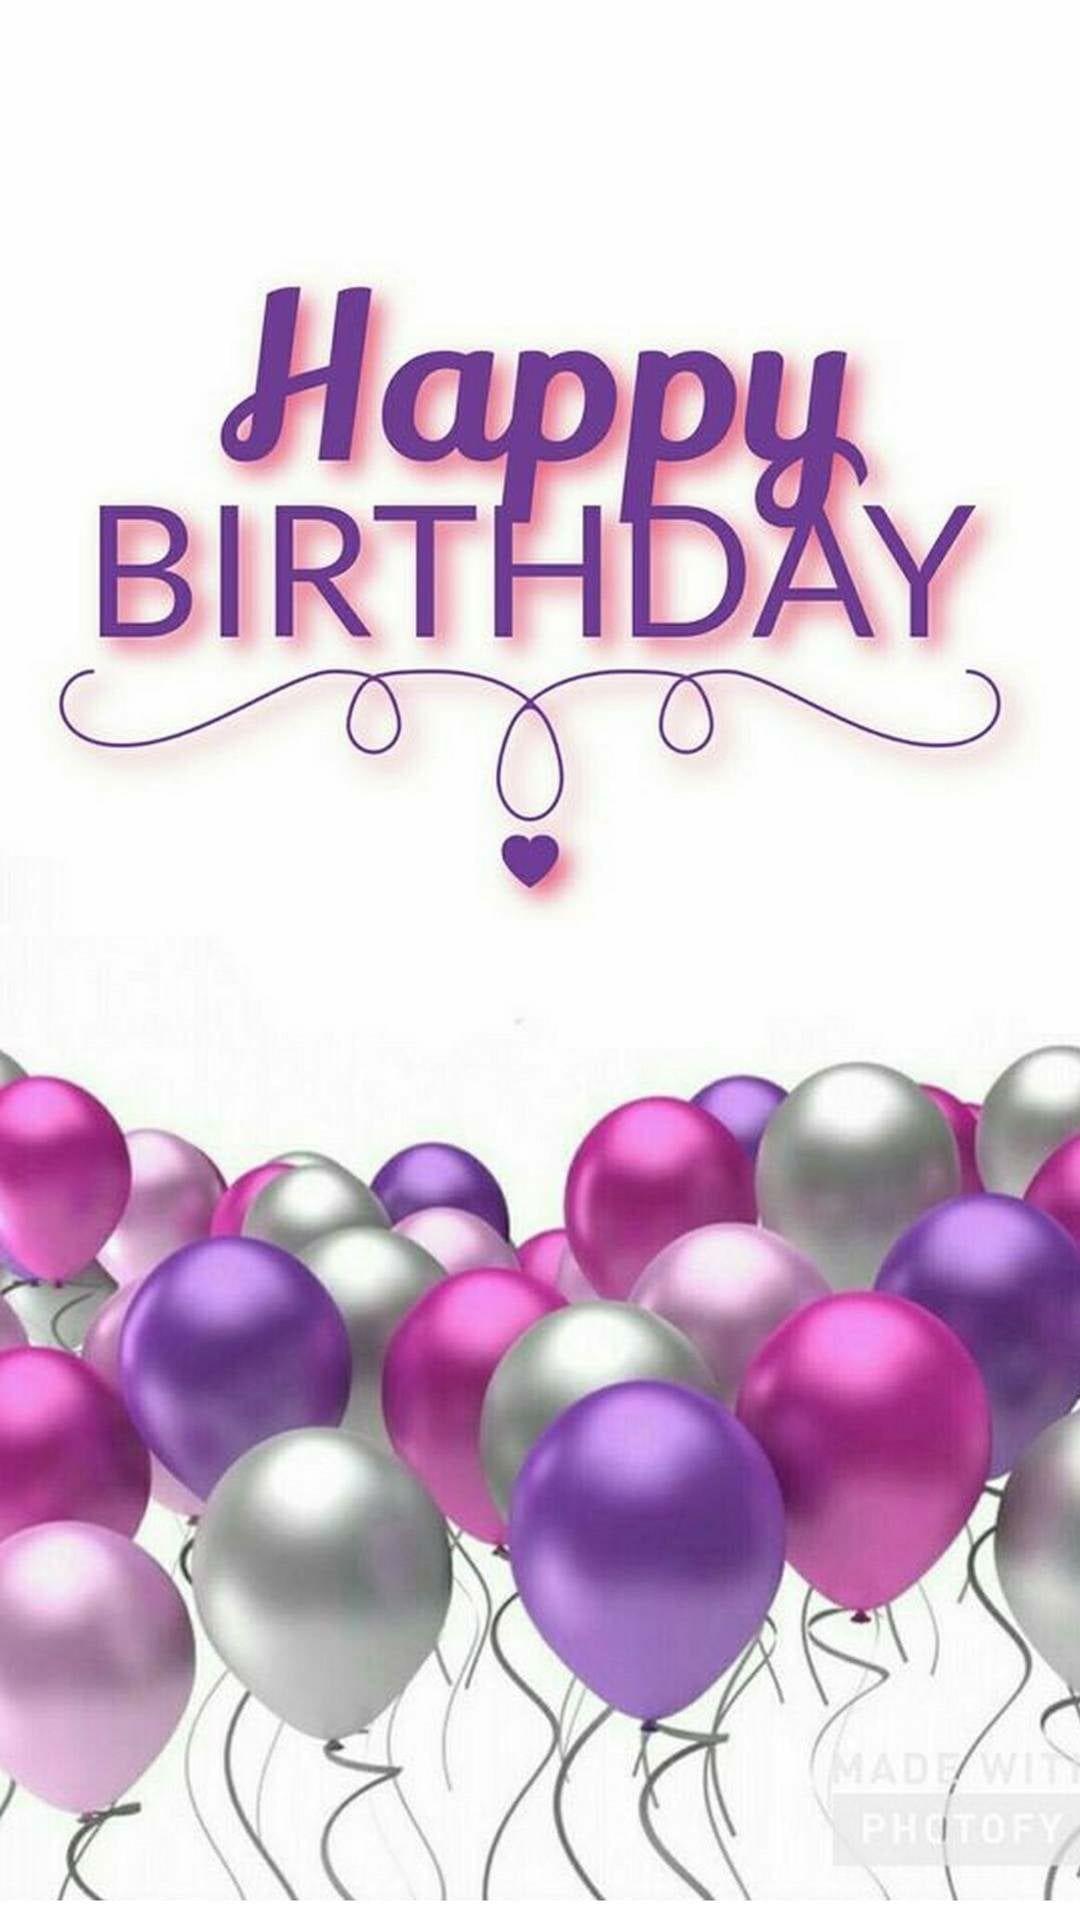 Happy birthday wallpaper by Kitty Sundheim on Celebrations